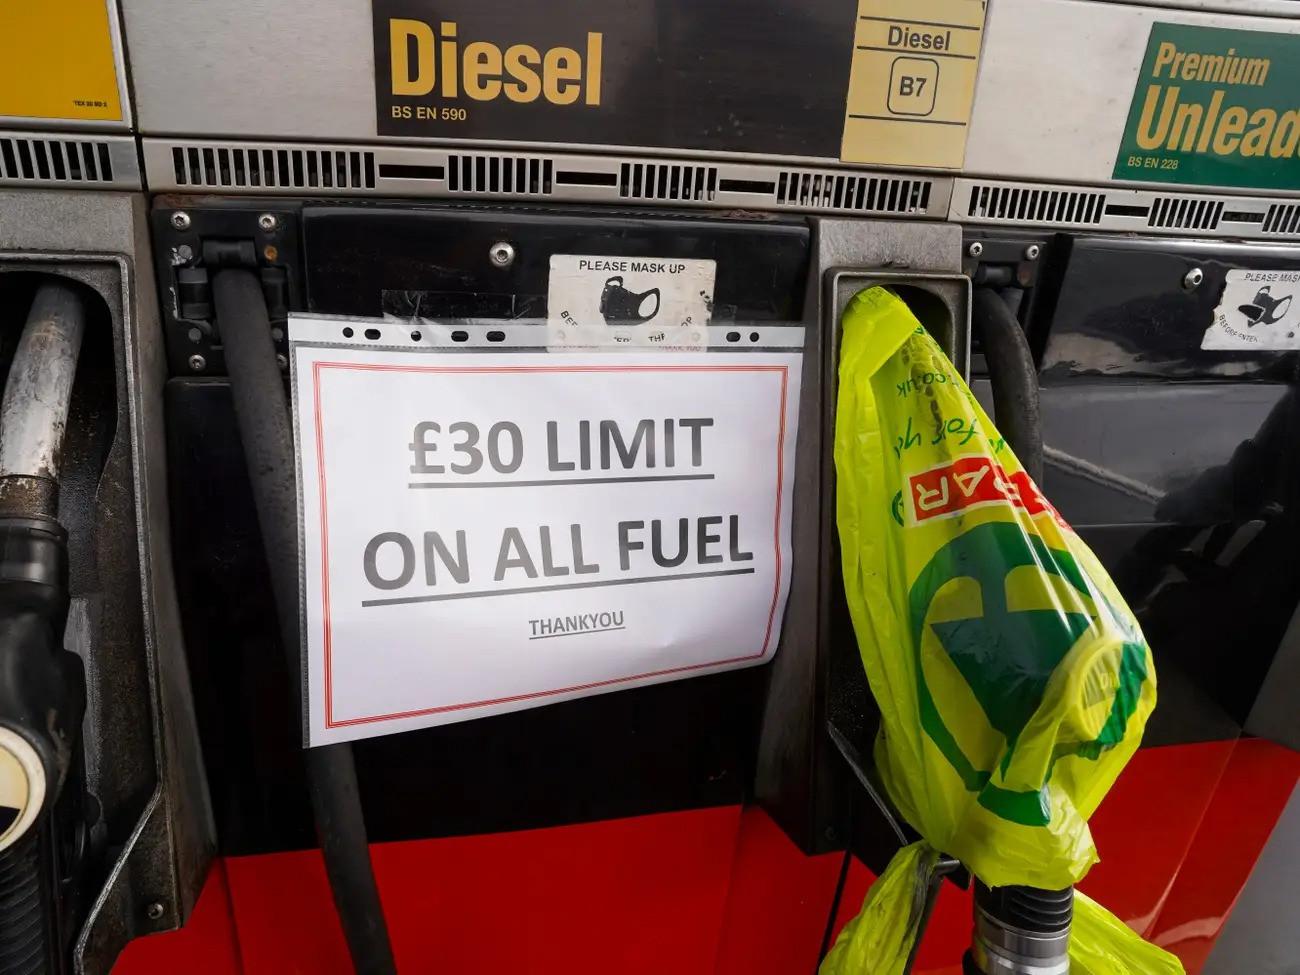 Cảnh thiếu xăng ở Anh: Xe xếp hàng cả dặm chờ đổ xăng, lượng người mua can tích trữ tăng 1.600% - Ảnh 5.